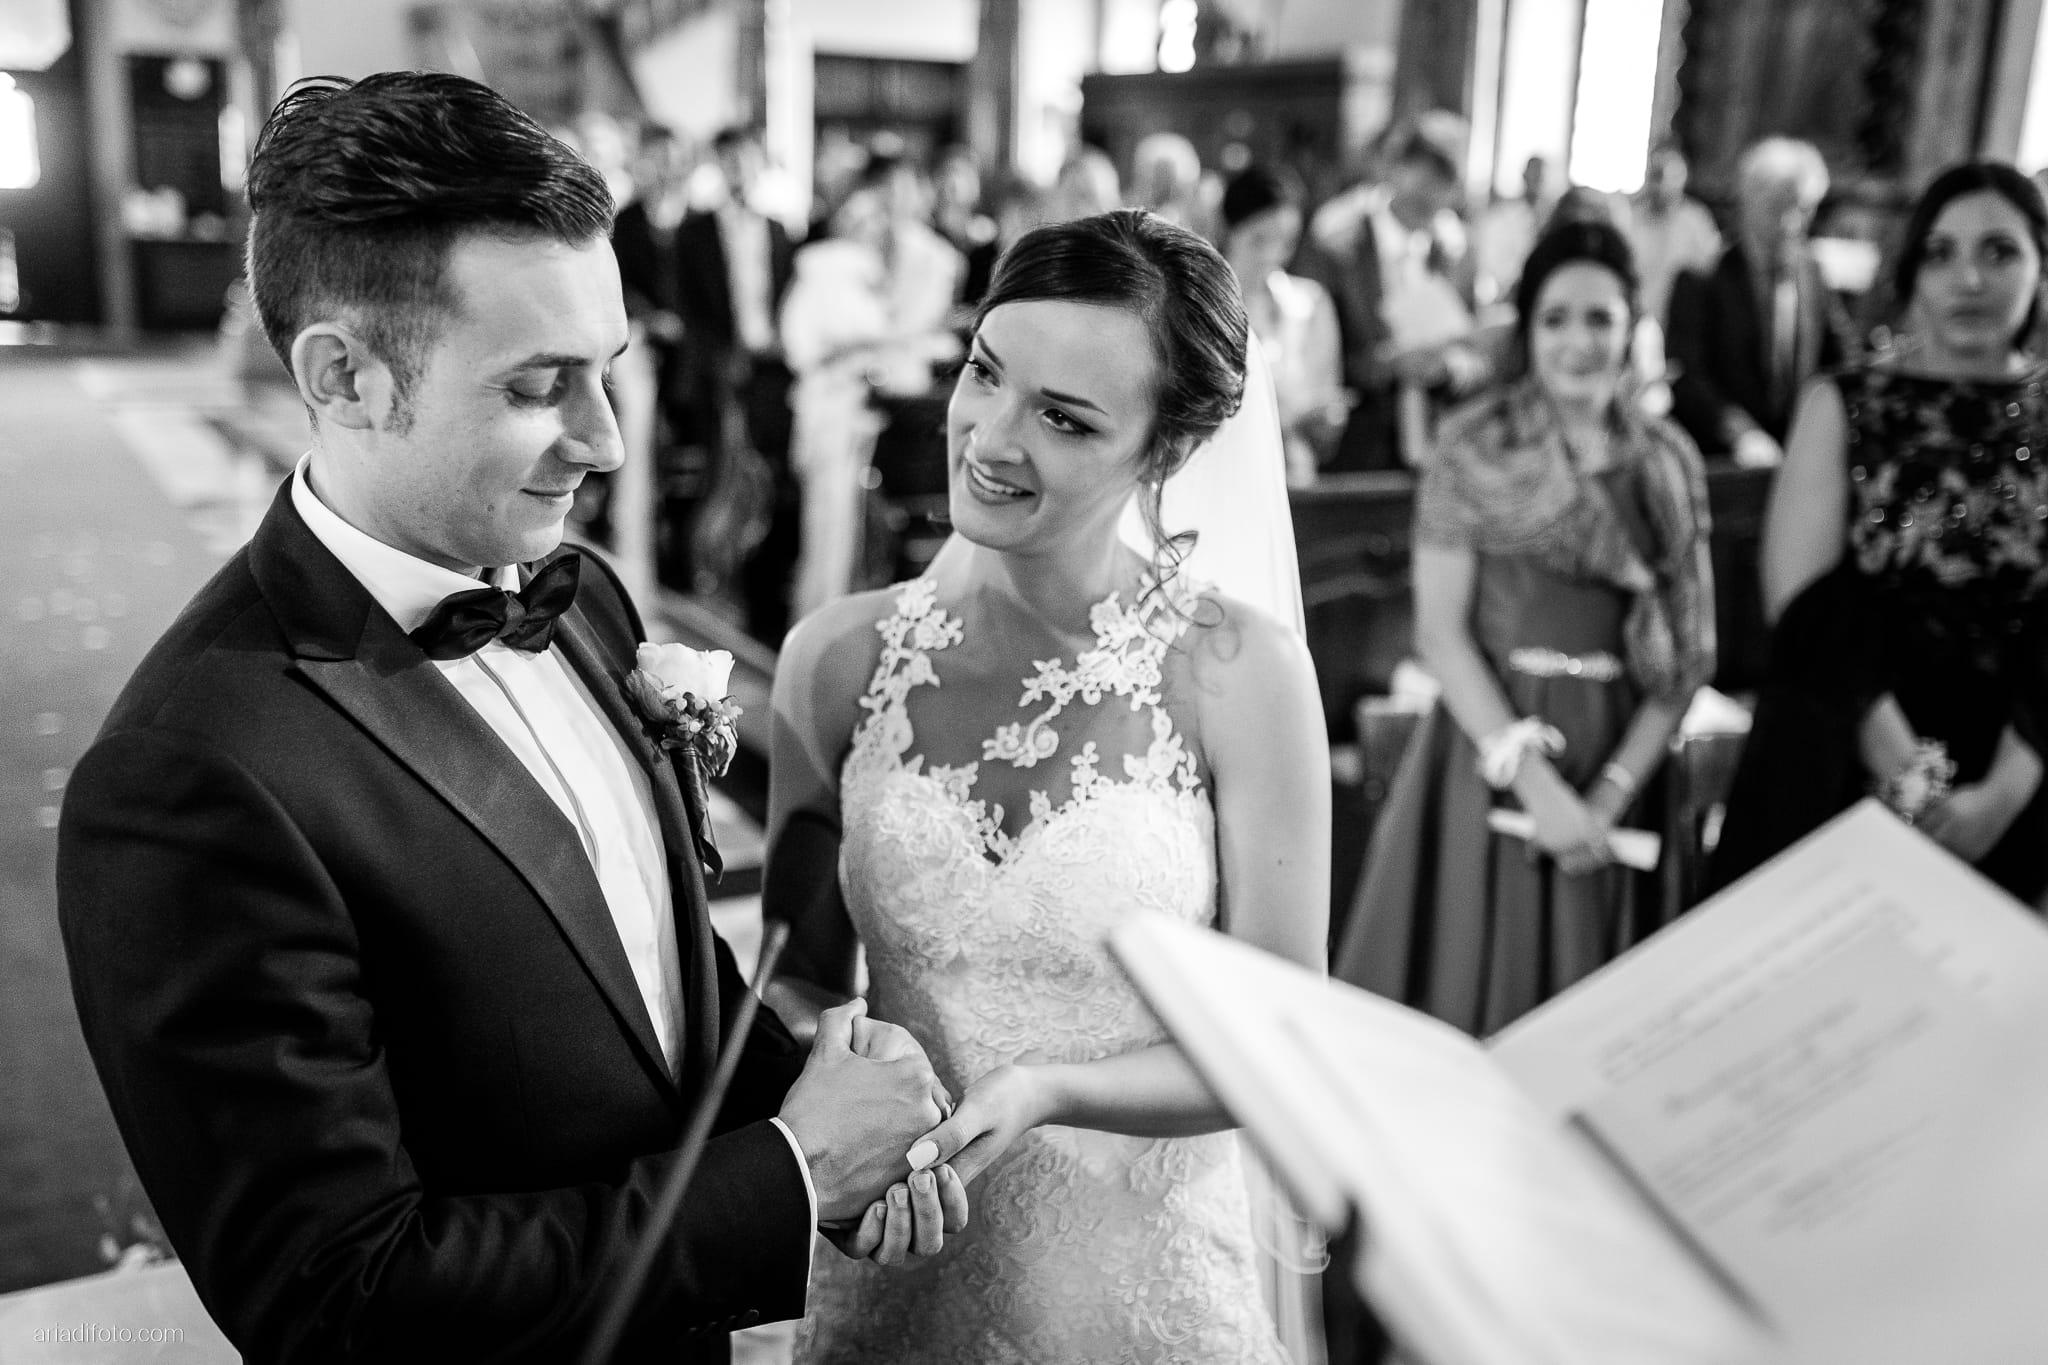 Valentina Marco Matrimonio Duomo Gorizia Castelvecchio Sagrado cerimonia cattolica promesse scambio degli anelli